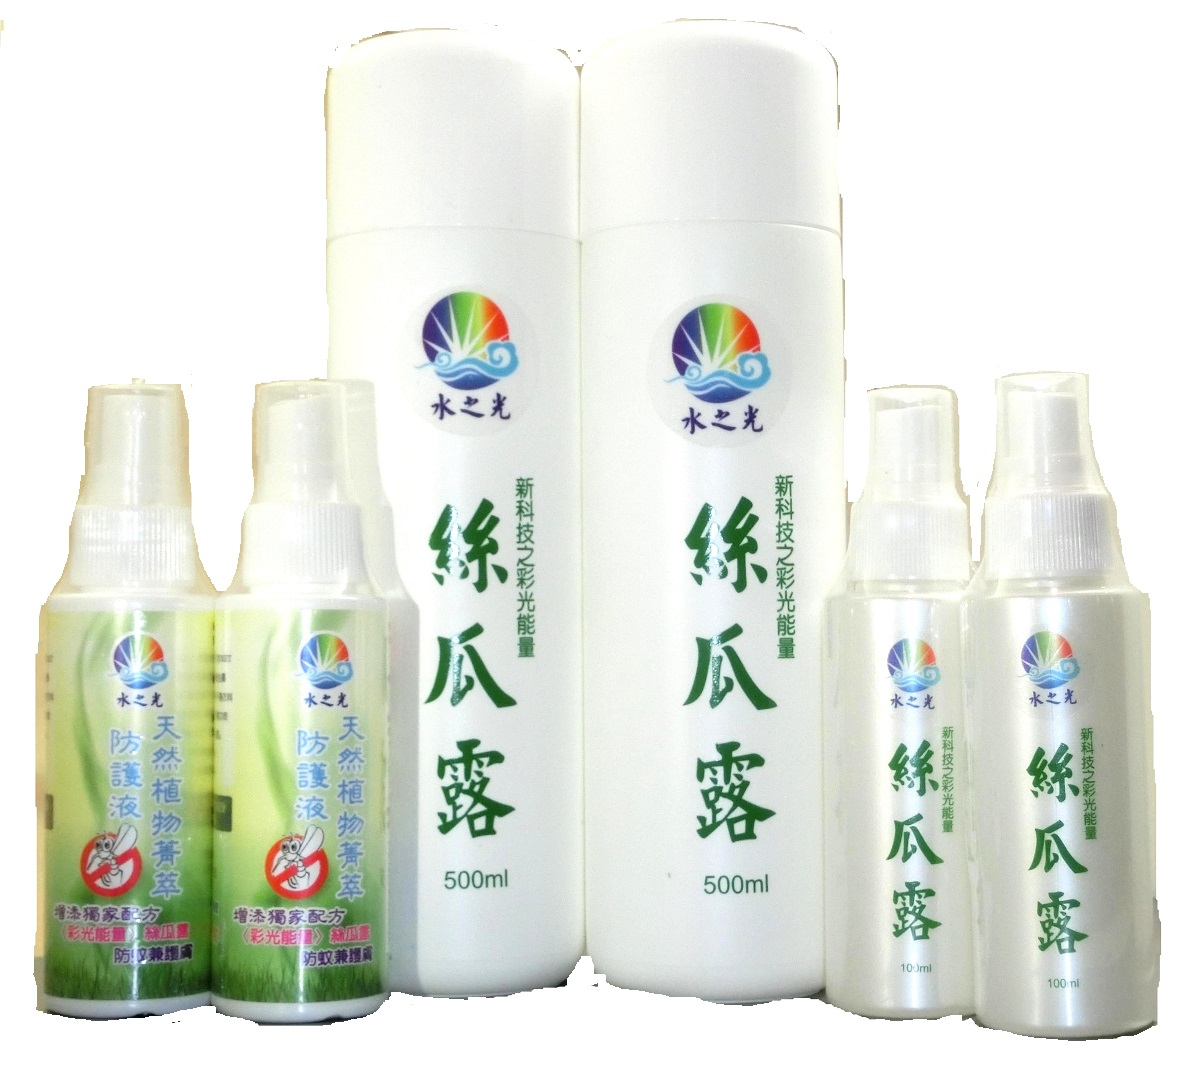 100%純天然絲瓜露 /100ml/500ml/無任何添加物/無農藥無化肥/水源無污染